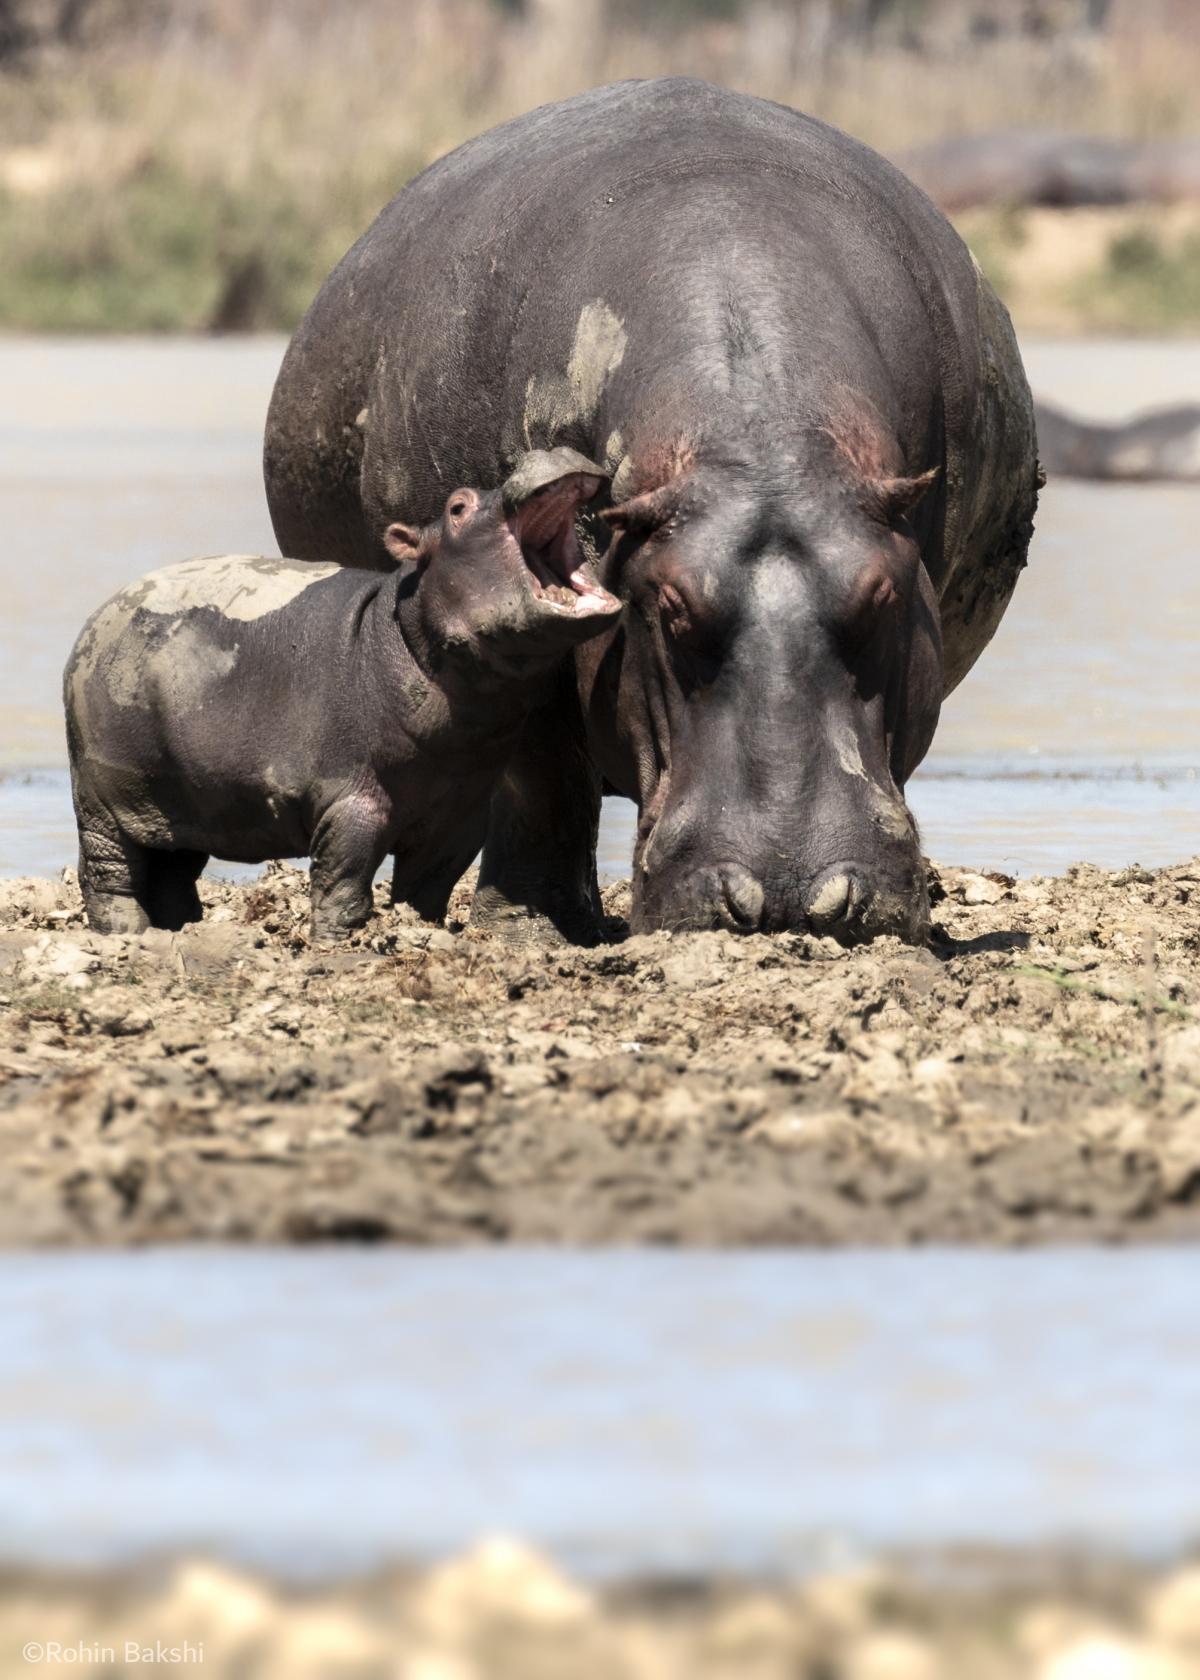 Chú hà mã con đang cố gắng khiến hà mã mẹ chú ý đến nó nhưng dường như nó đã không thành công, nhiếp ảnh gia Robin Bakshi tiết lộ về khoảnh khắc thú vị chụp tại Vườn Dự trữ Vwaza Game Reserve ở Malaw.